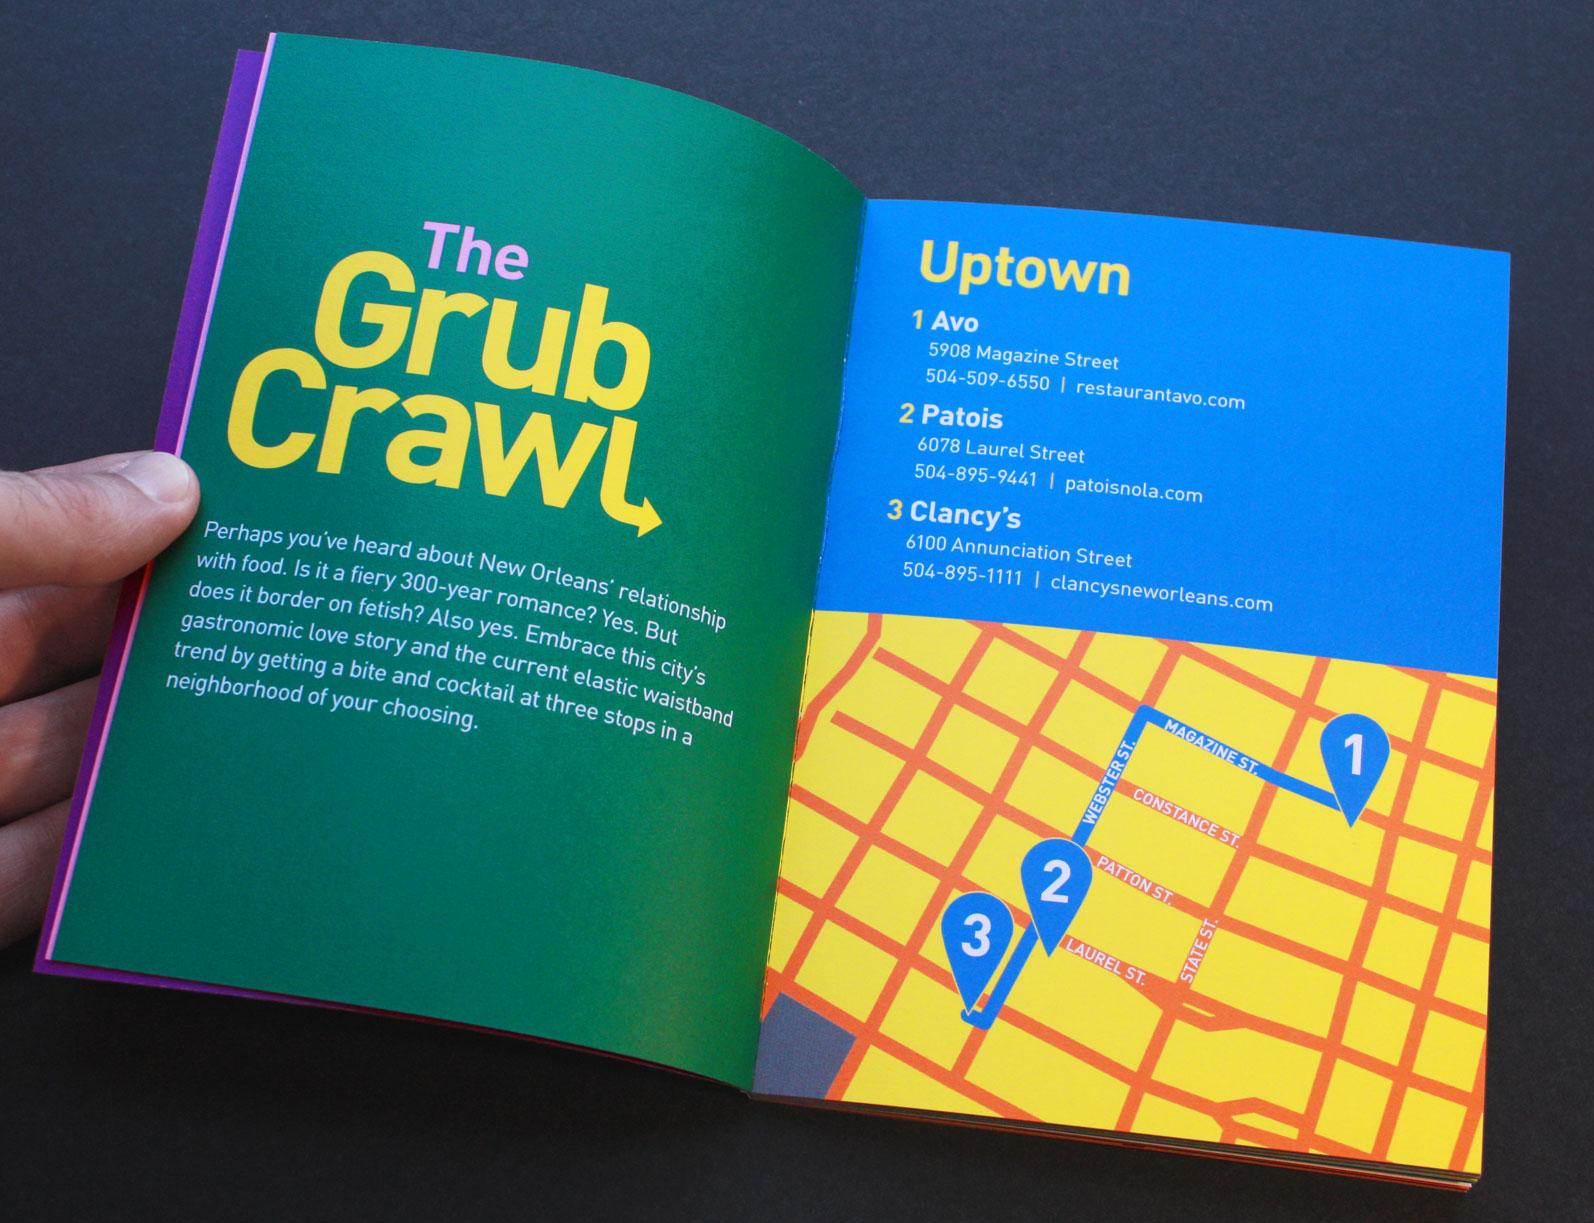 New Orleans Guidebook